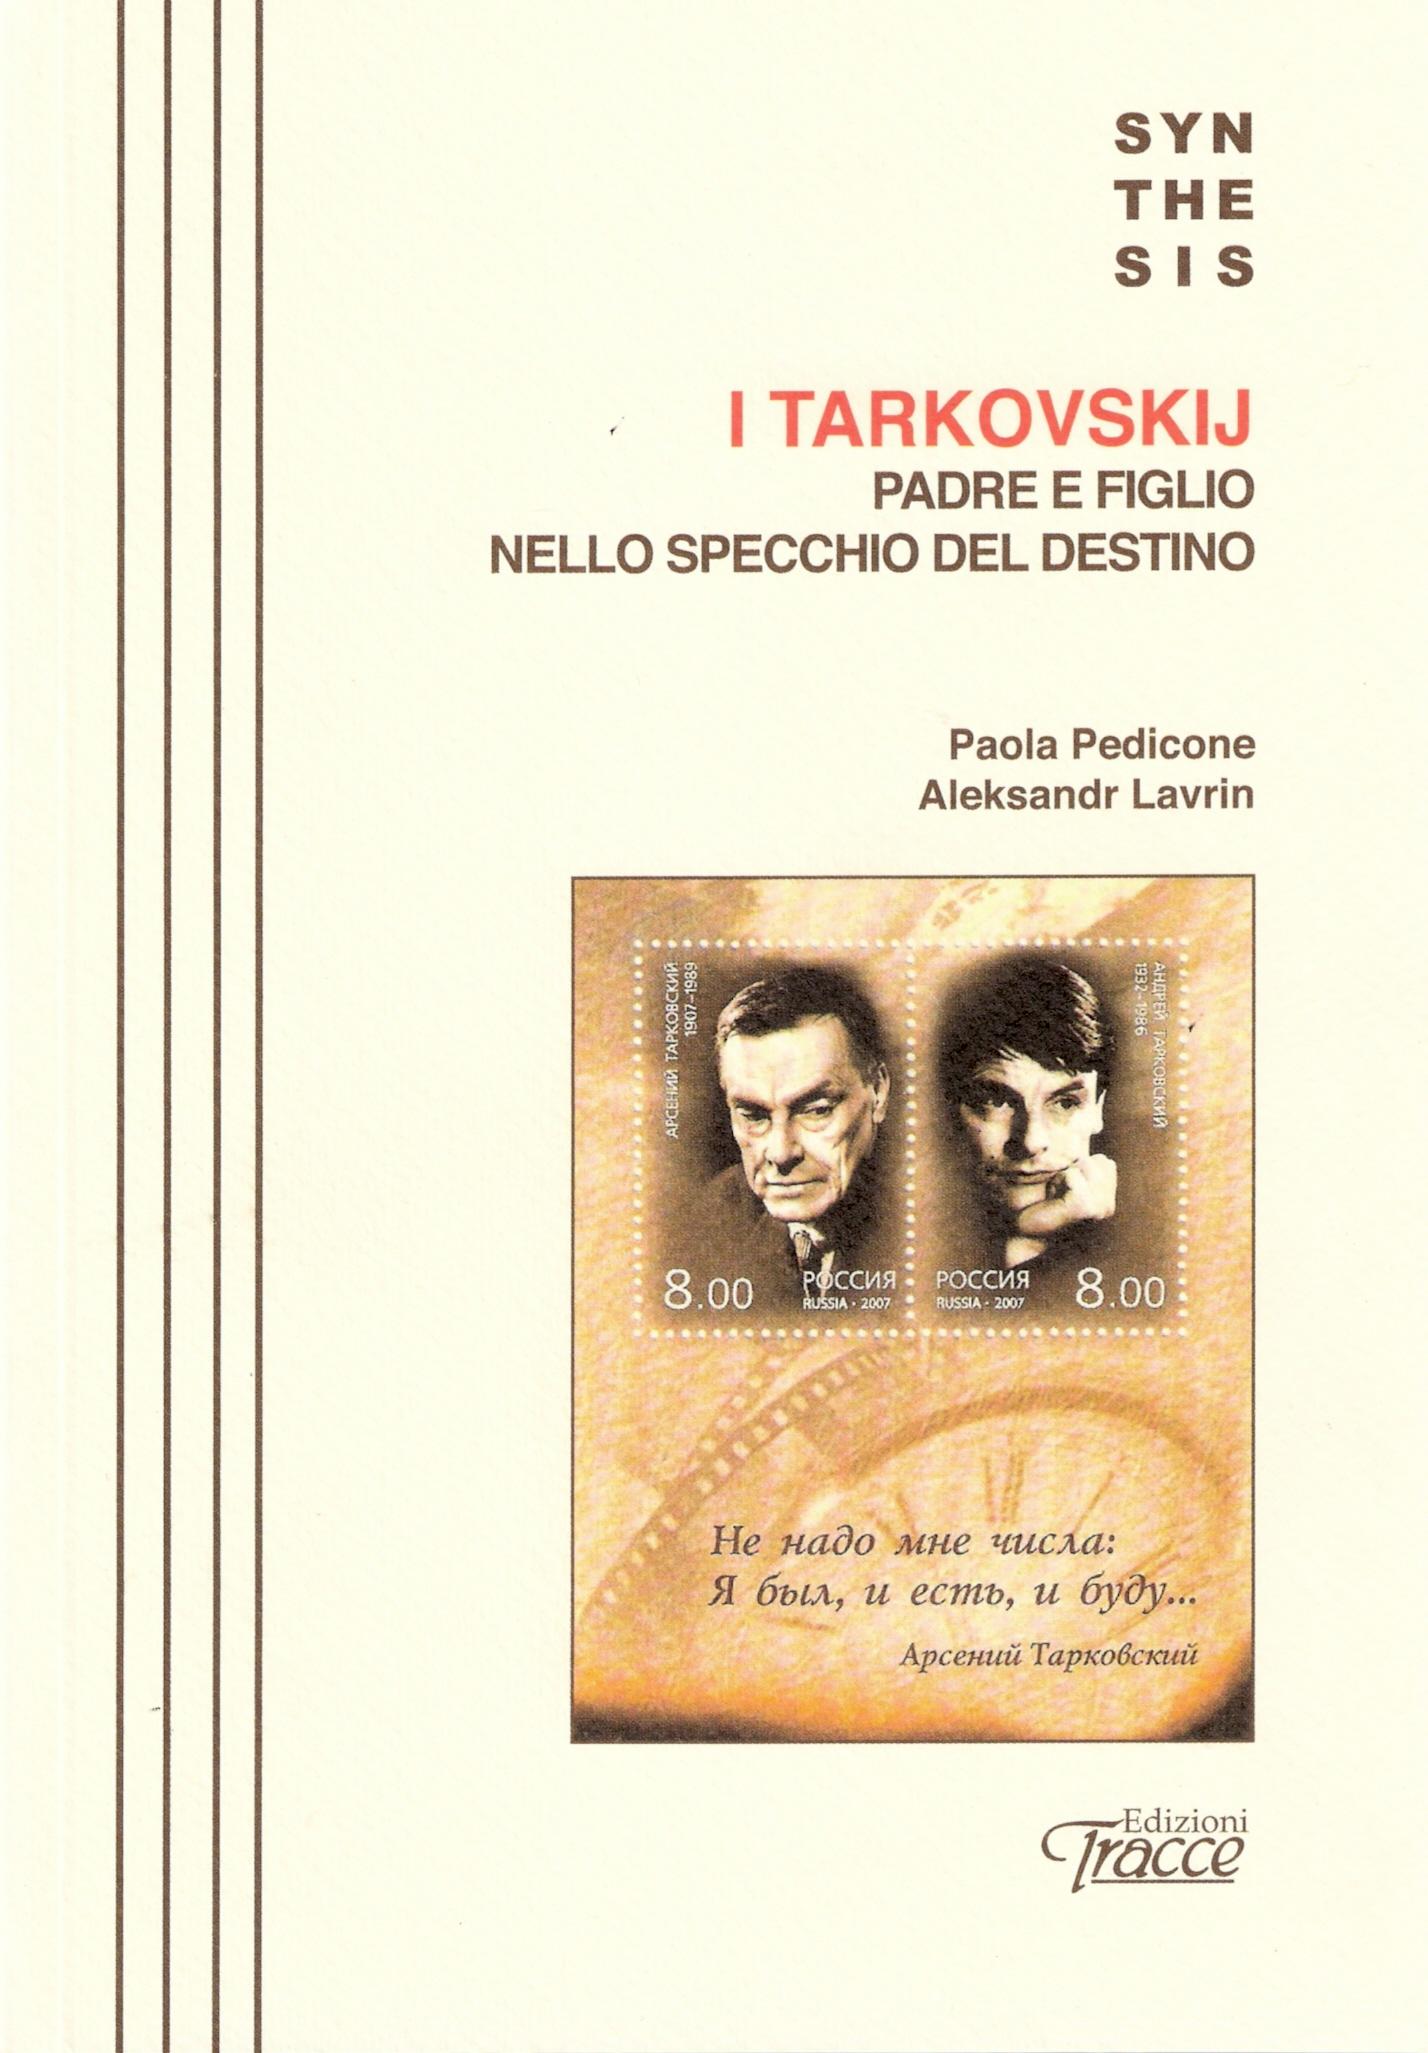 I Tarkovskij